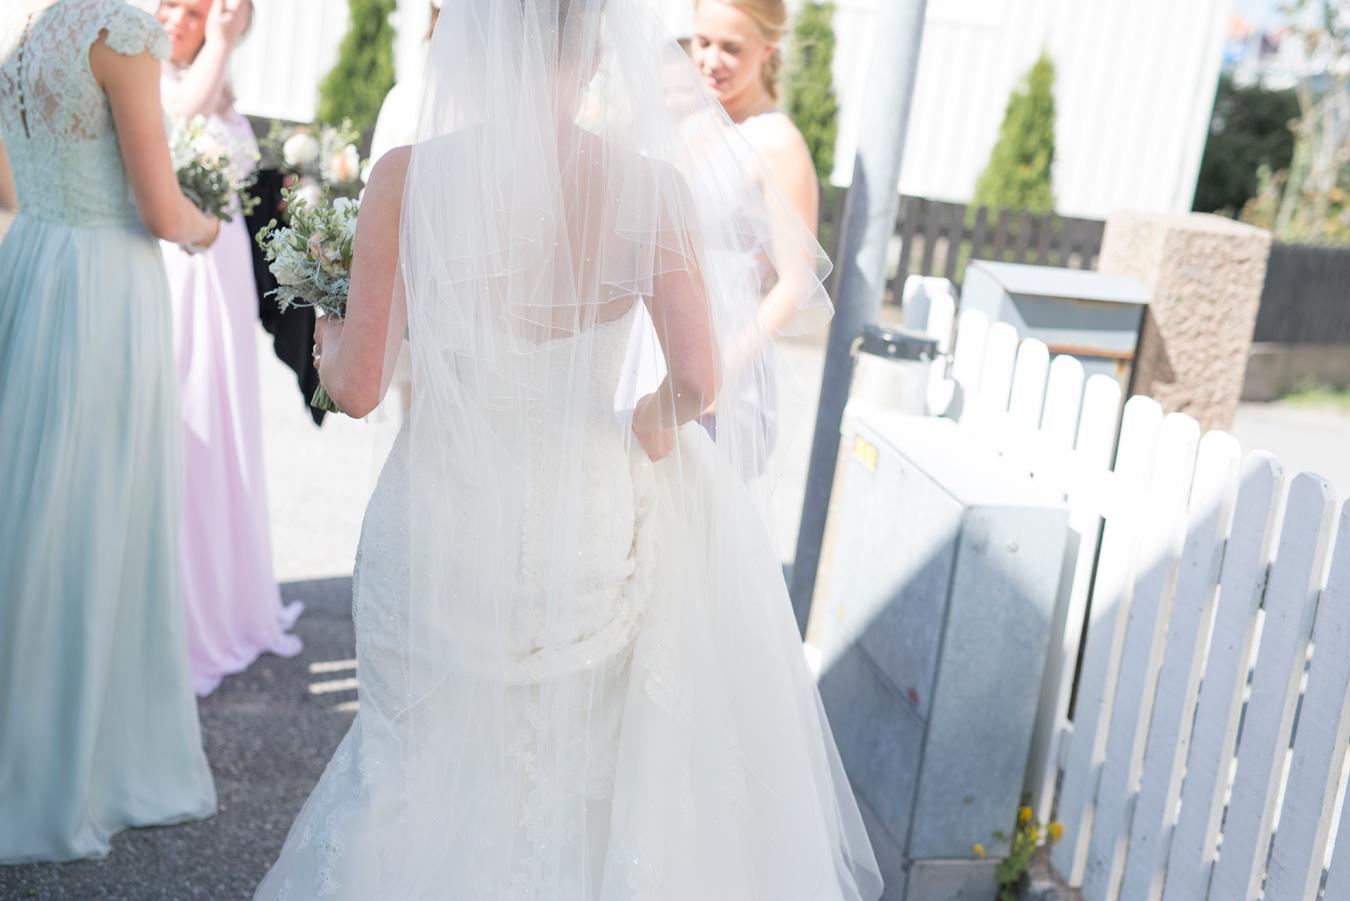 015-bröllopsfotograf-ulebergshamn-göteborg-neas-fotografi.jpg